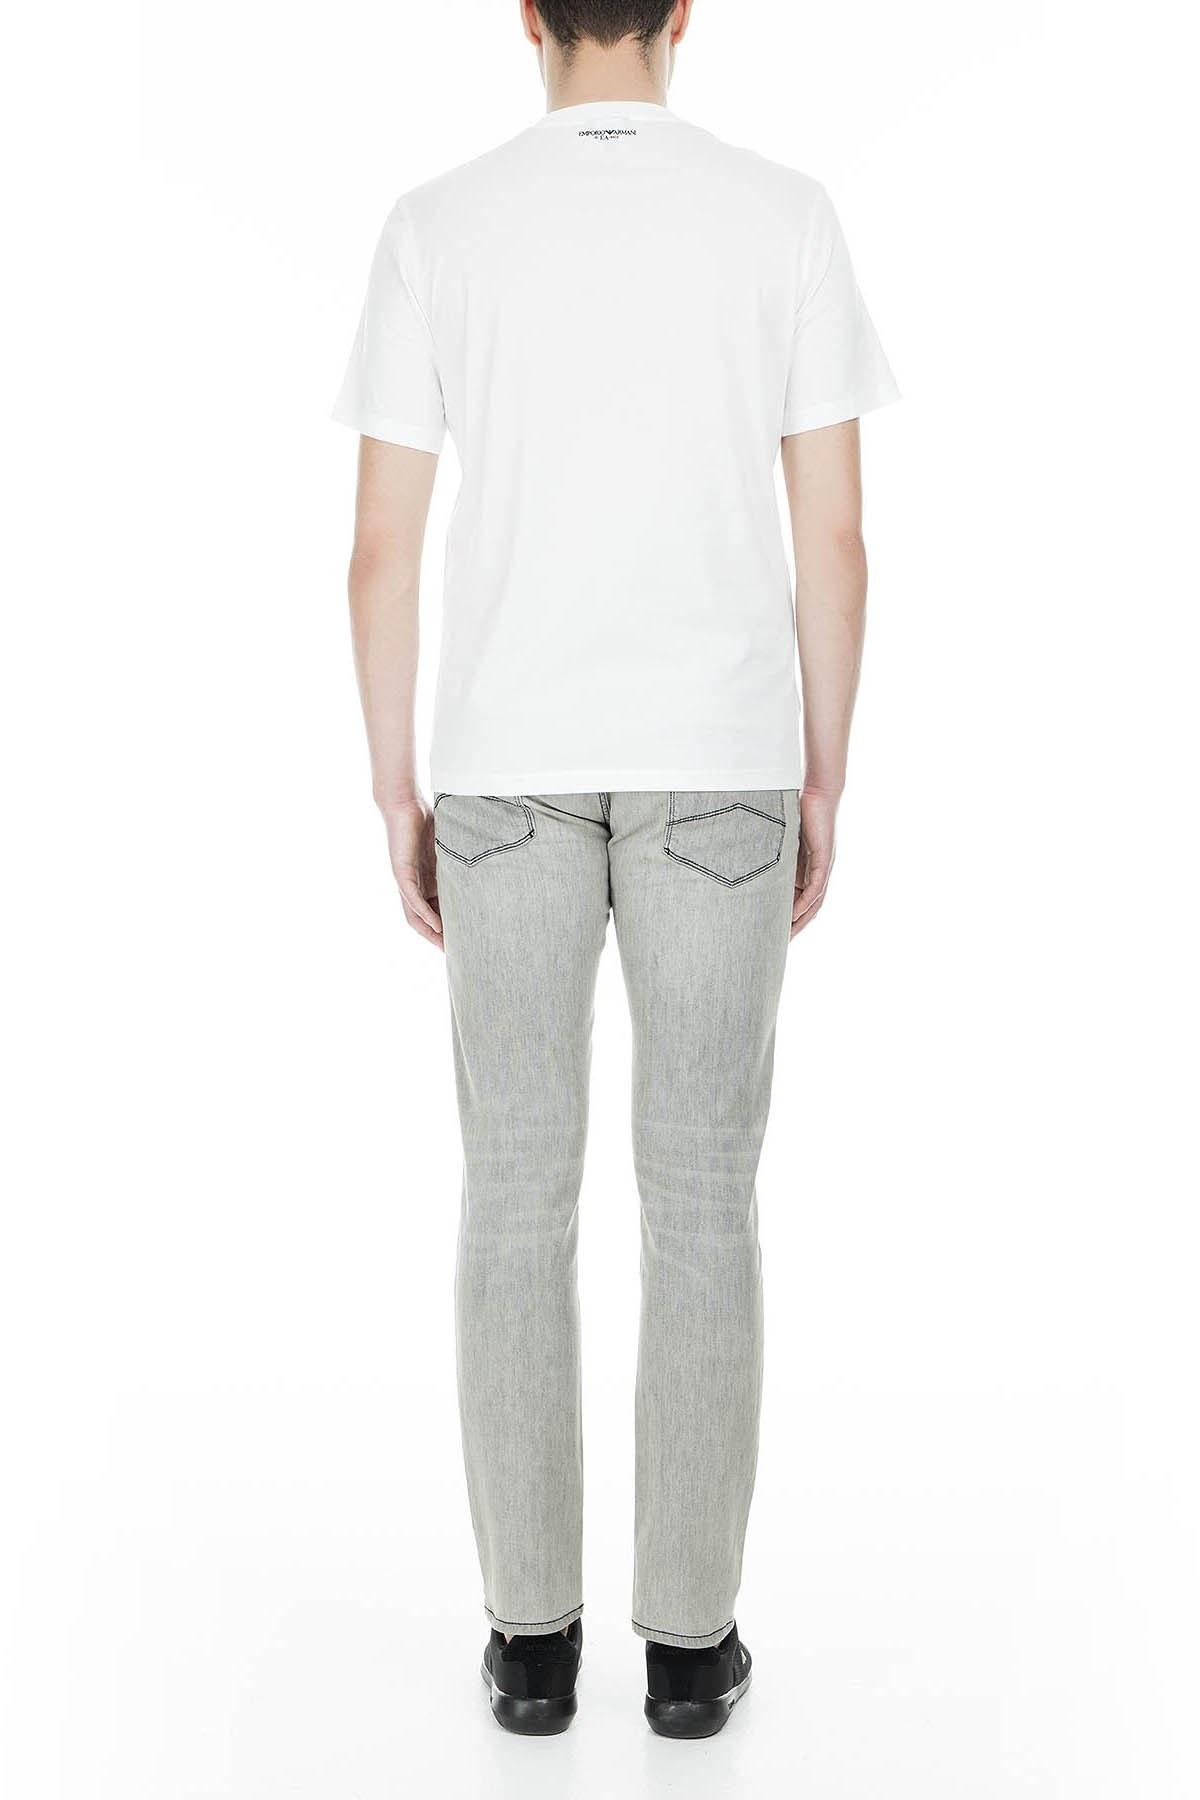 Emporio Armani J06 Jeans Erkek Kot Pantolon 3G1J06 1DRAZ 0007 SİYAH